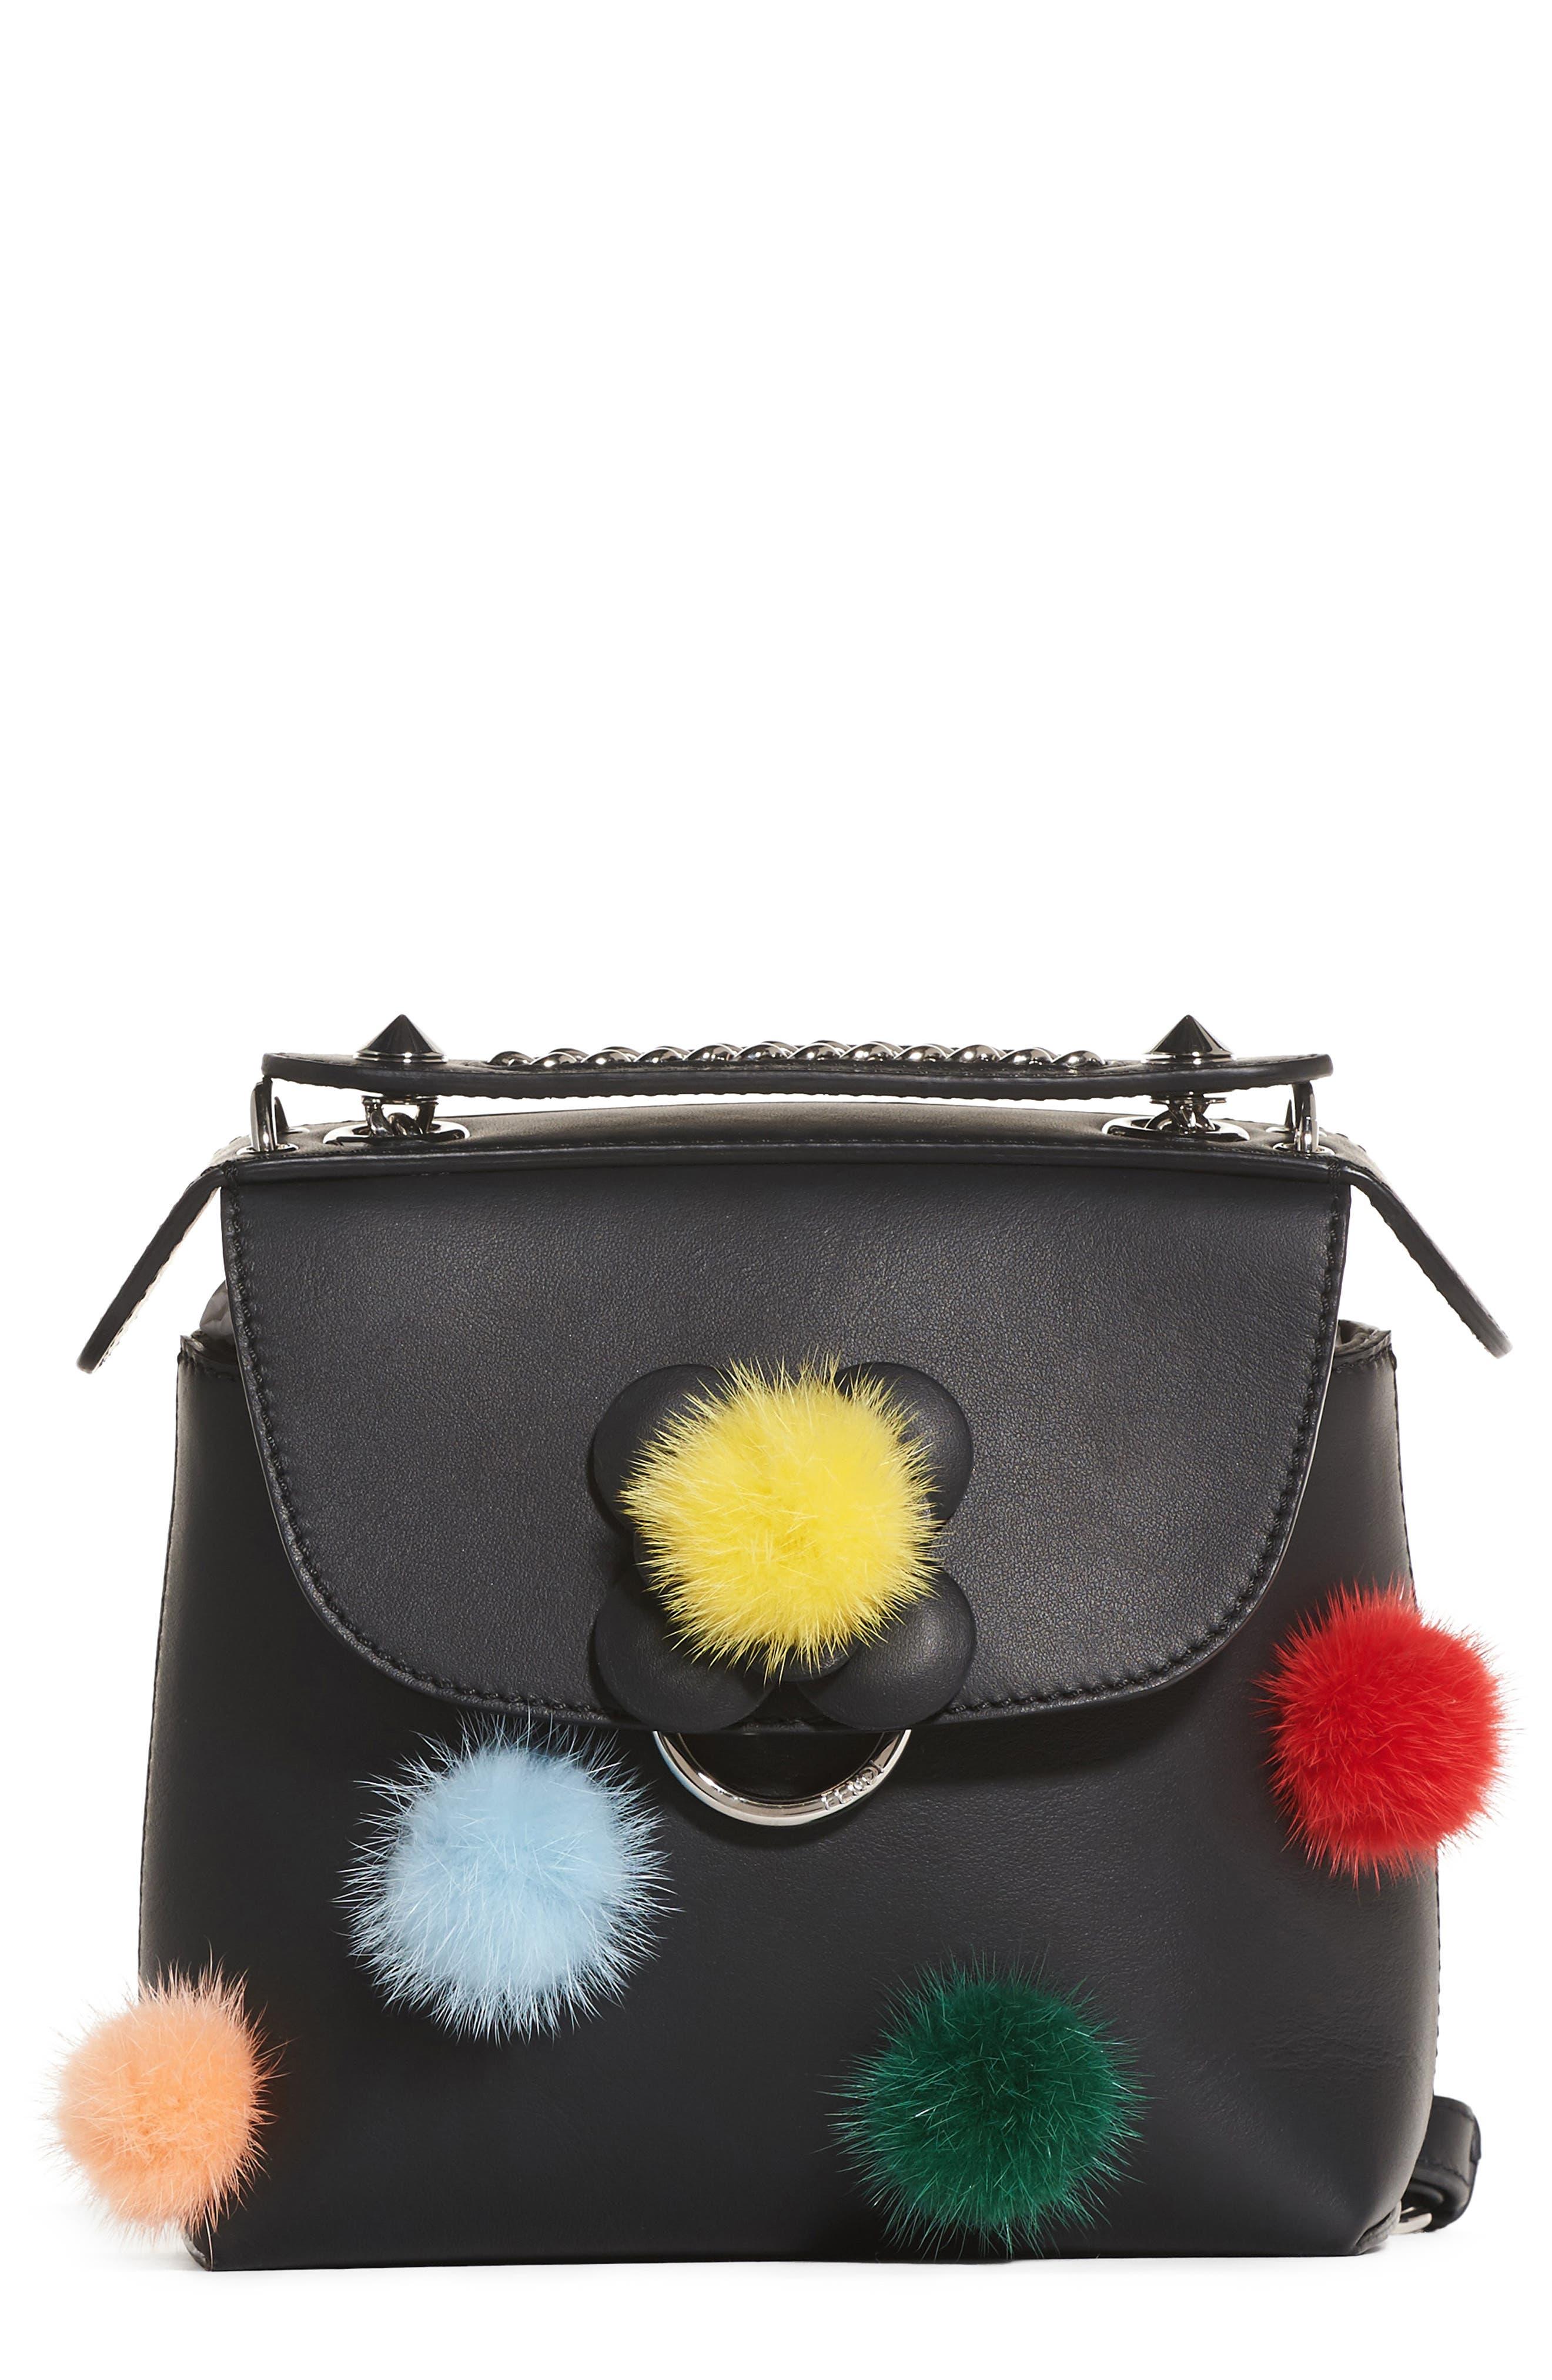 Alternate Image 1 Selected - Fendi Mini Back to School Genuine Mink Fur Pompom Leather Shoulder Bag